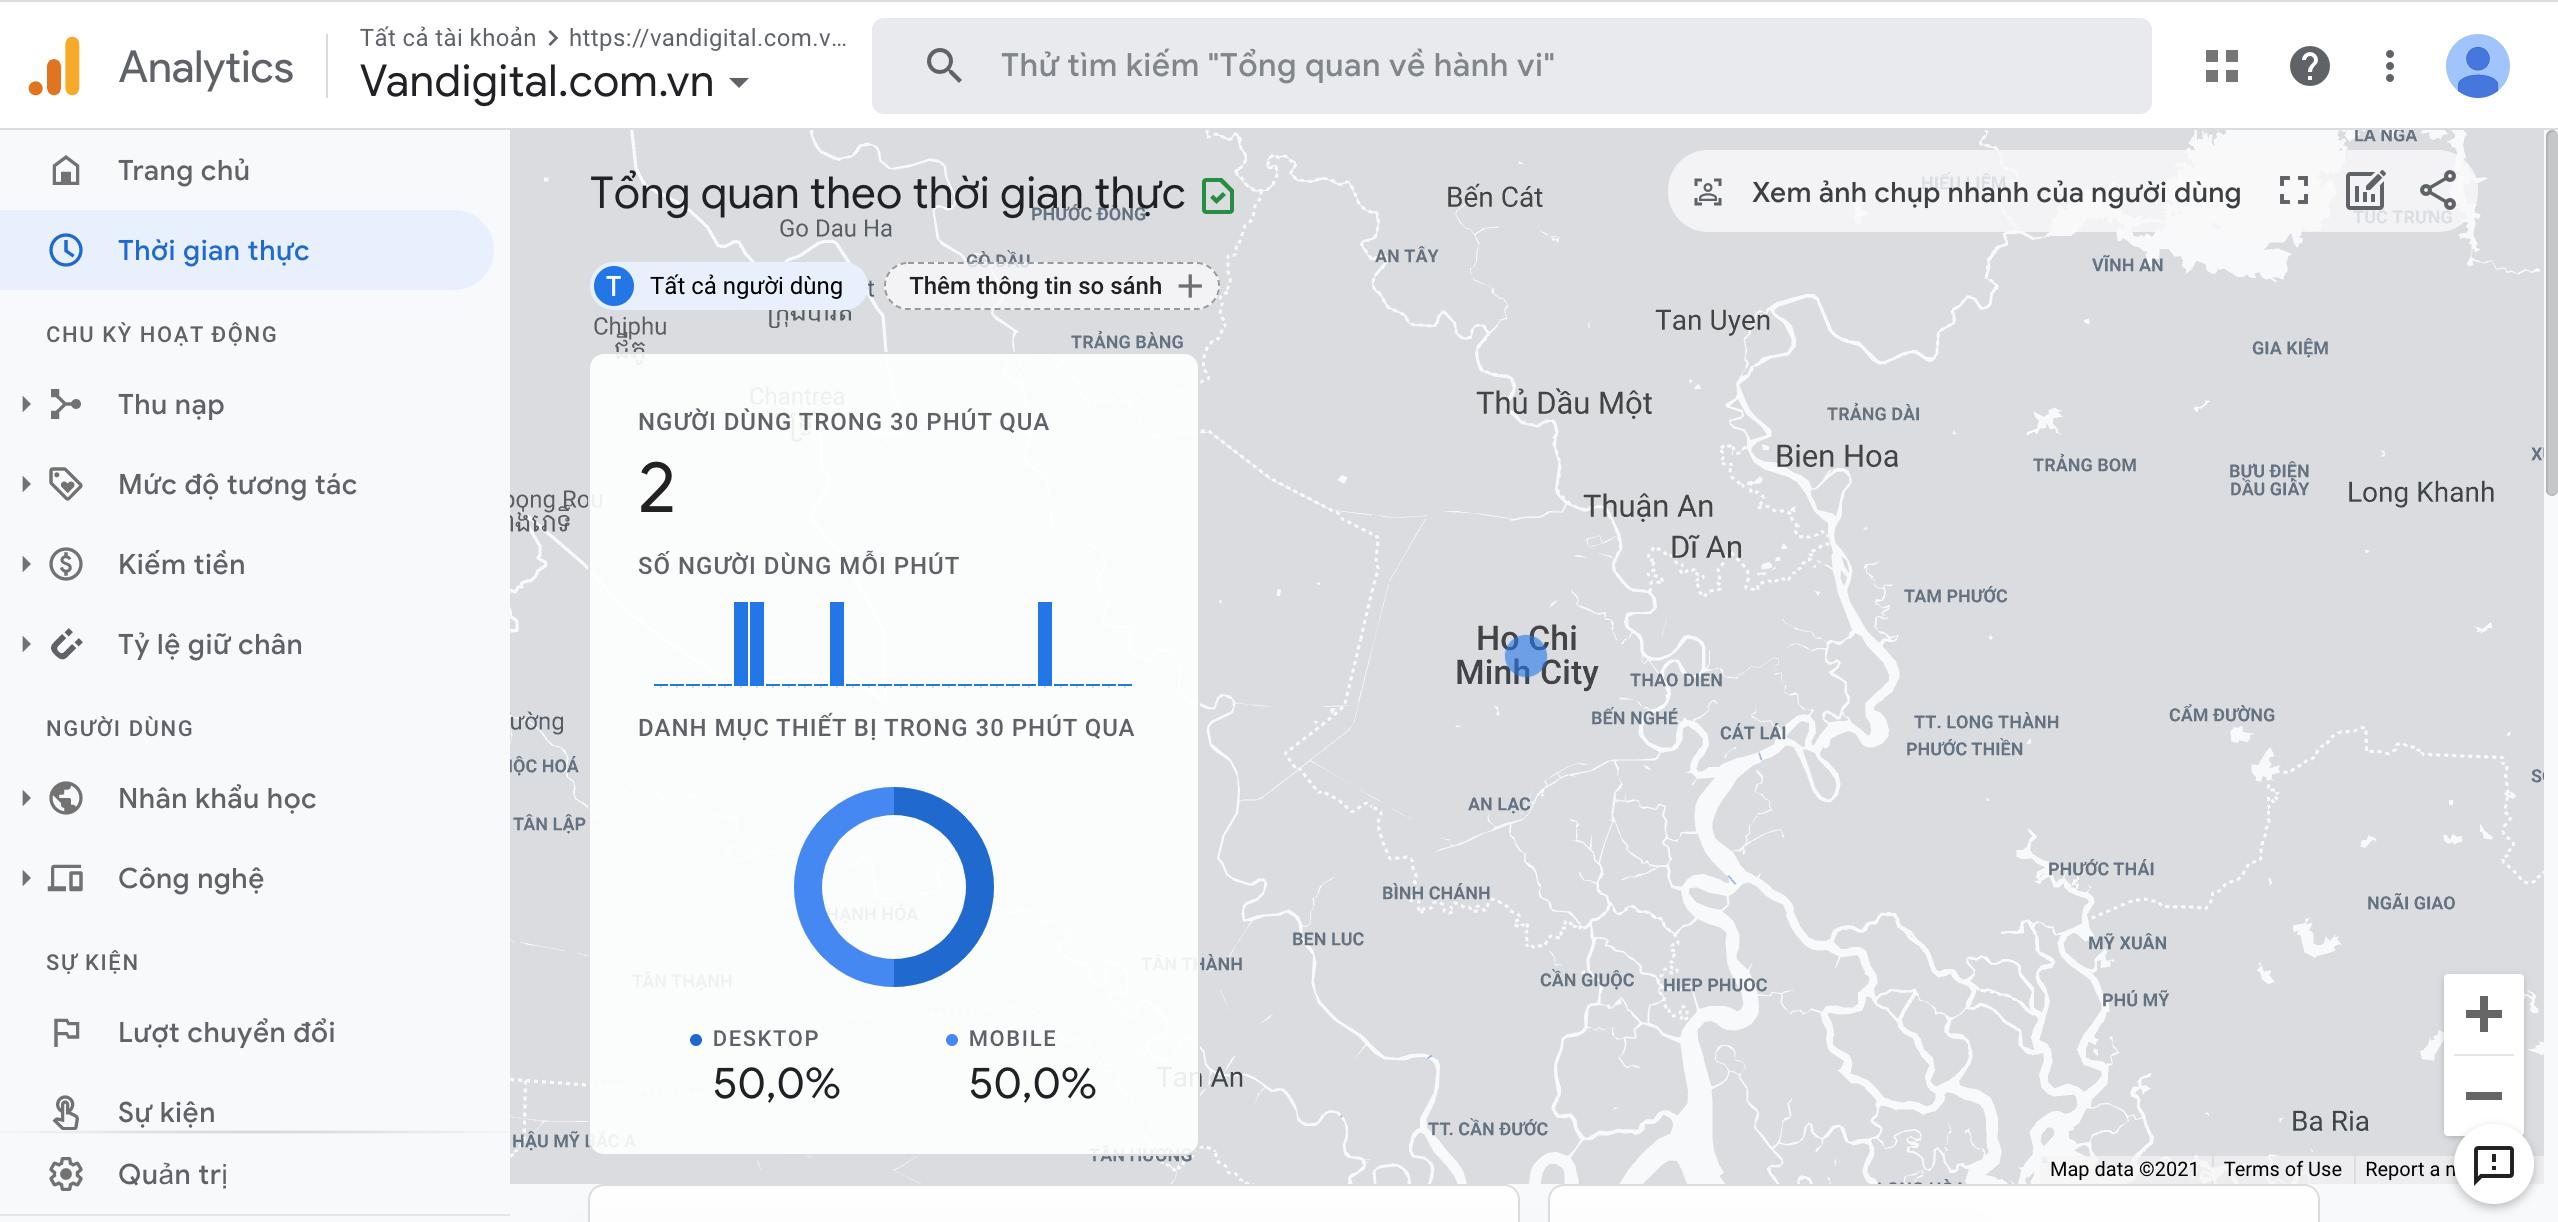 Hướng dẫn cài đặt Google Analytics cho website 8